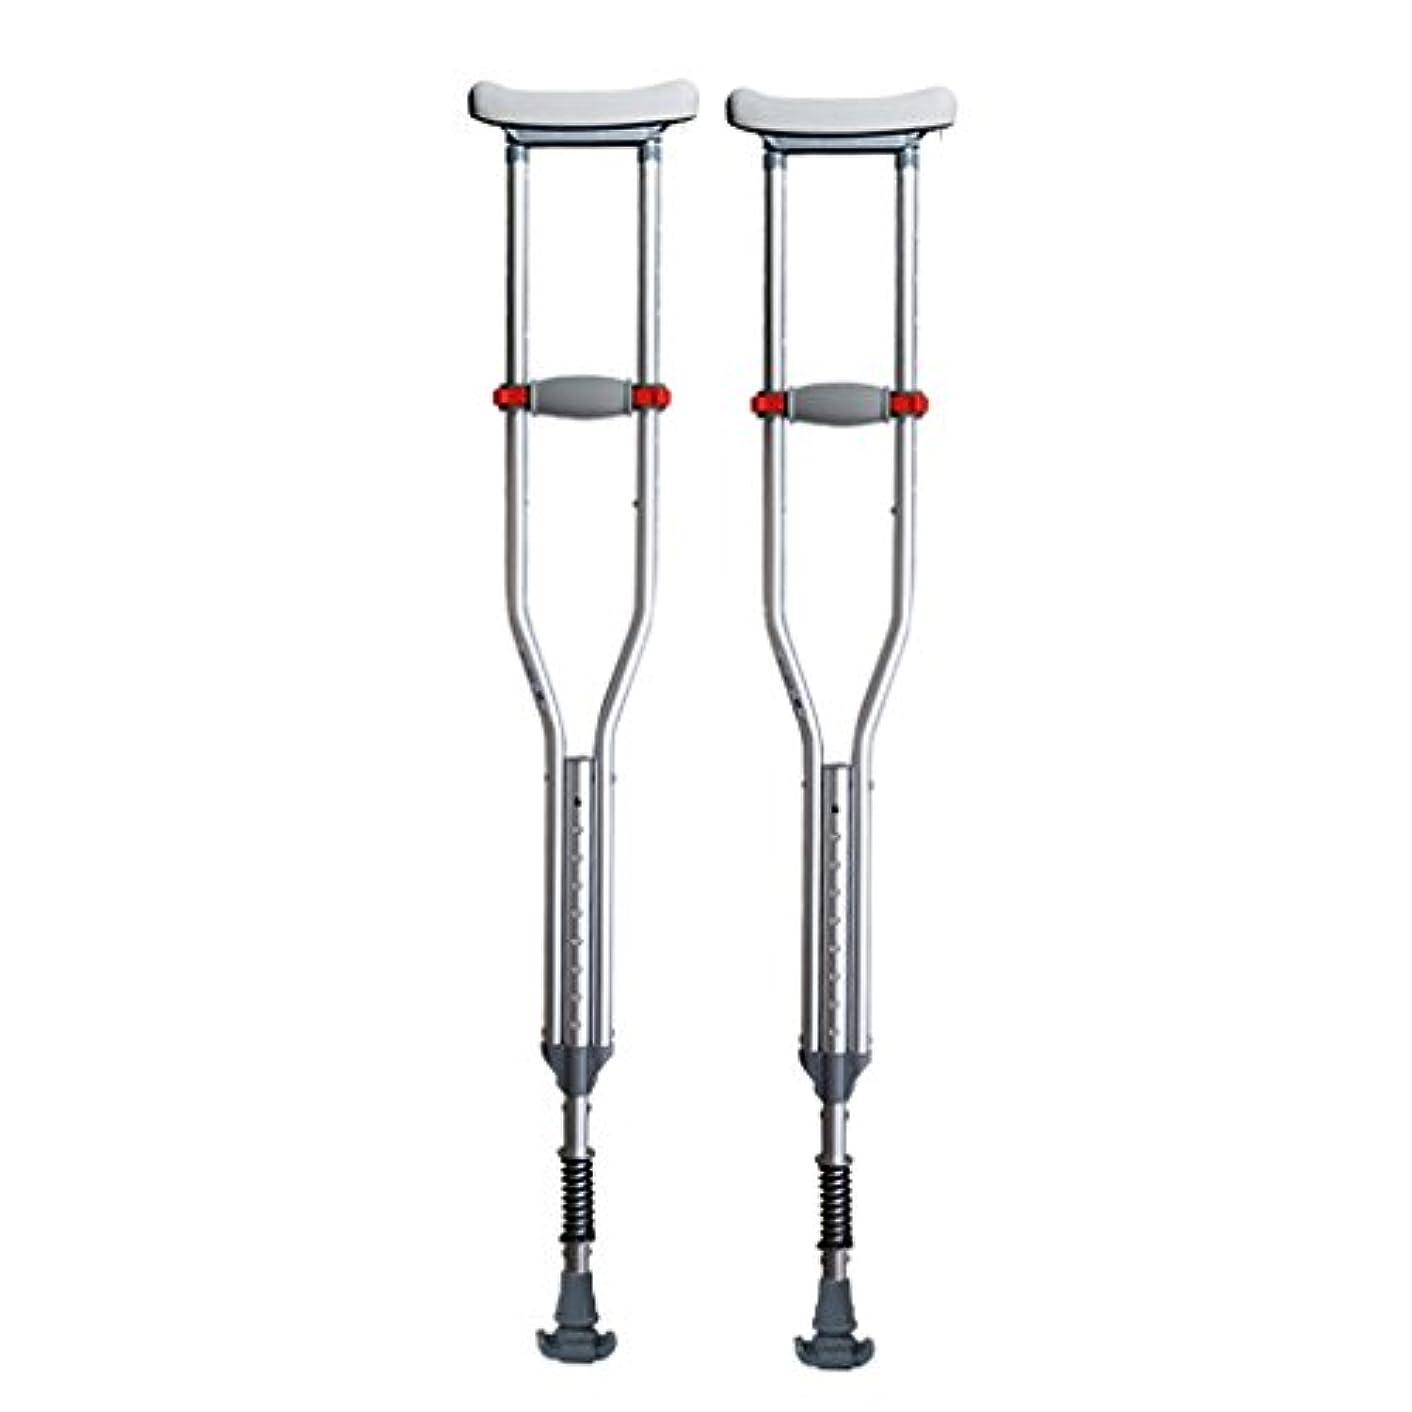 サイトライン心から悲惨なLYGT- ウォーキングスティック/松葉杖/脇の下の松葉杖アルミニウム合金高齢者の松葉杖不使用歩行杖の高さ調節可能な歩行春の衝撃吸収のペア